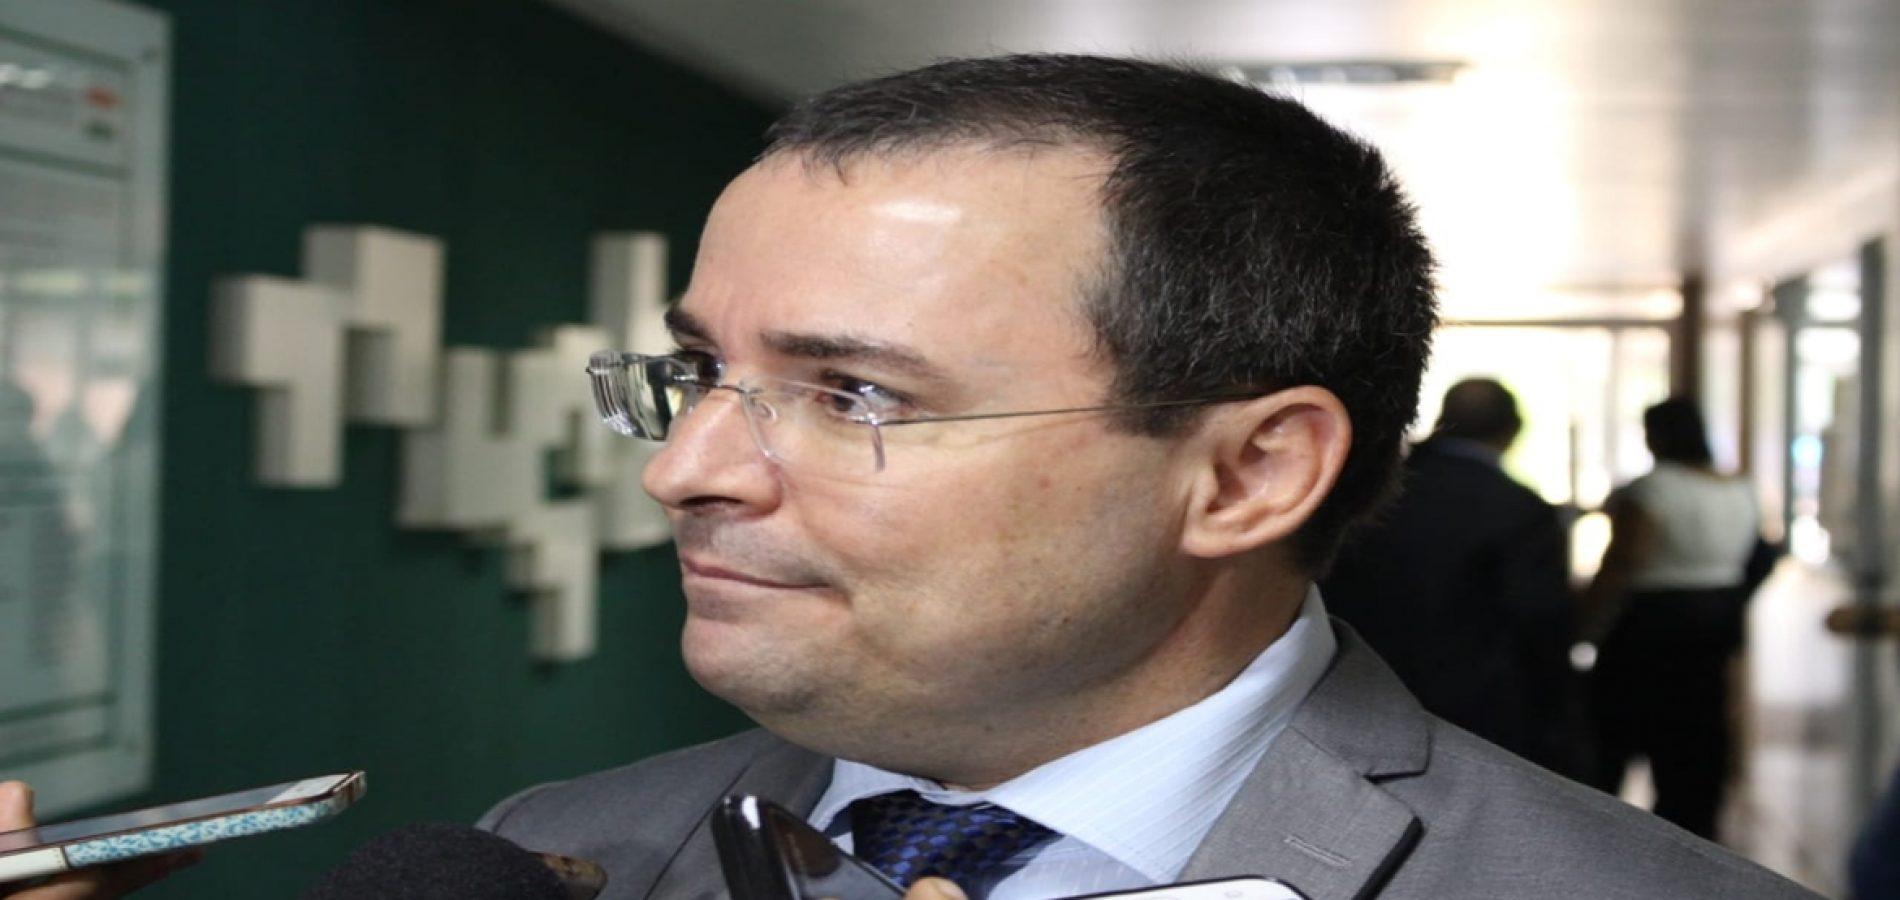 Fábio Novo reafirma candidatura a prefeito de Teresina e garante que não desiste